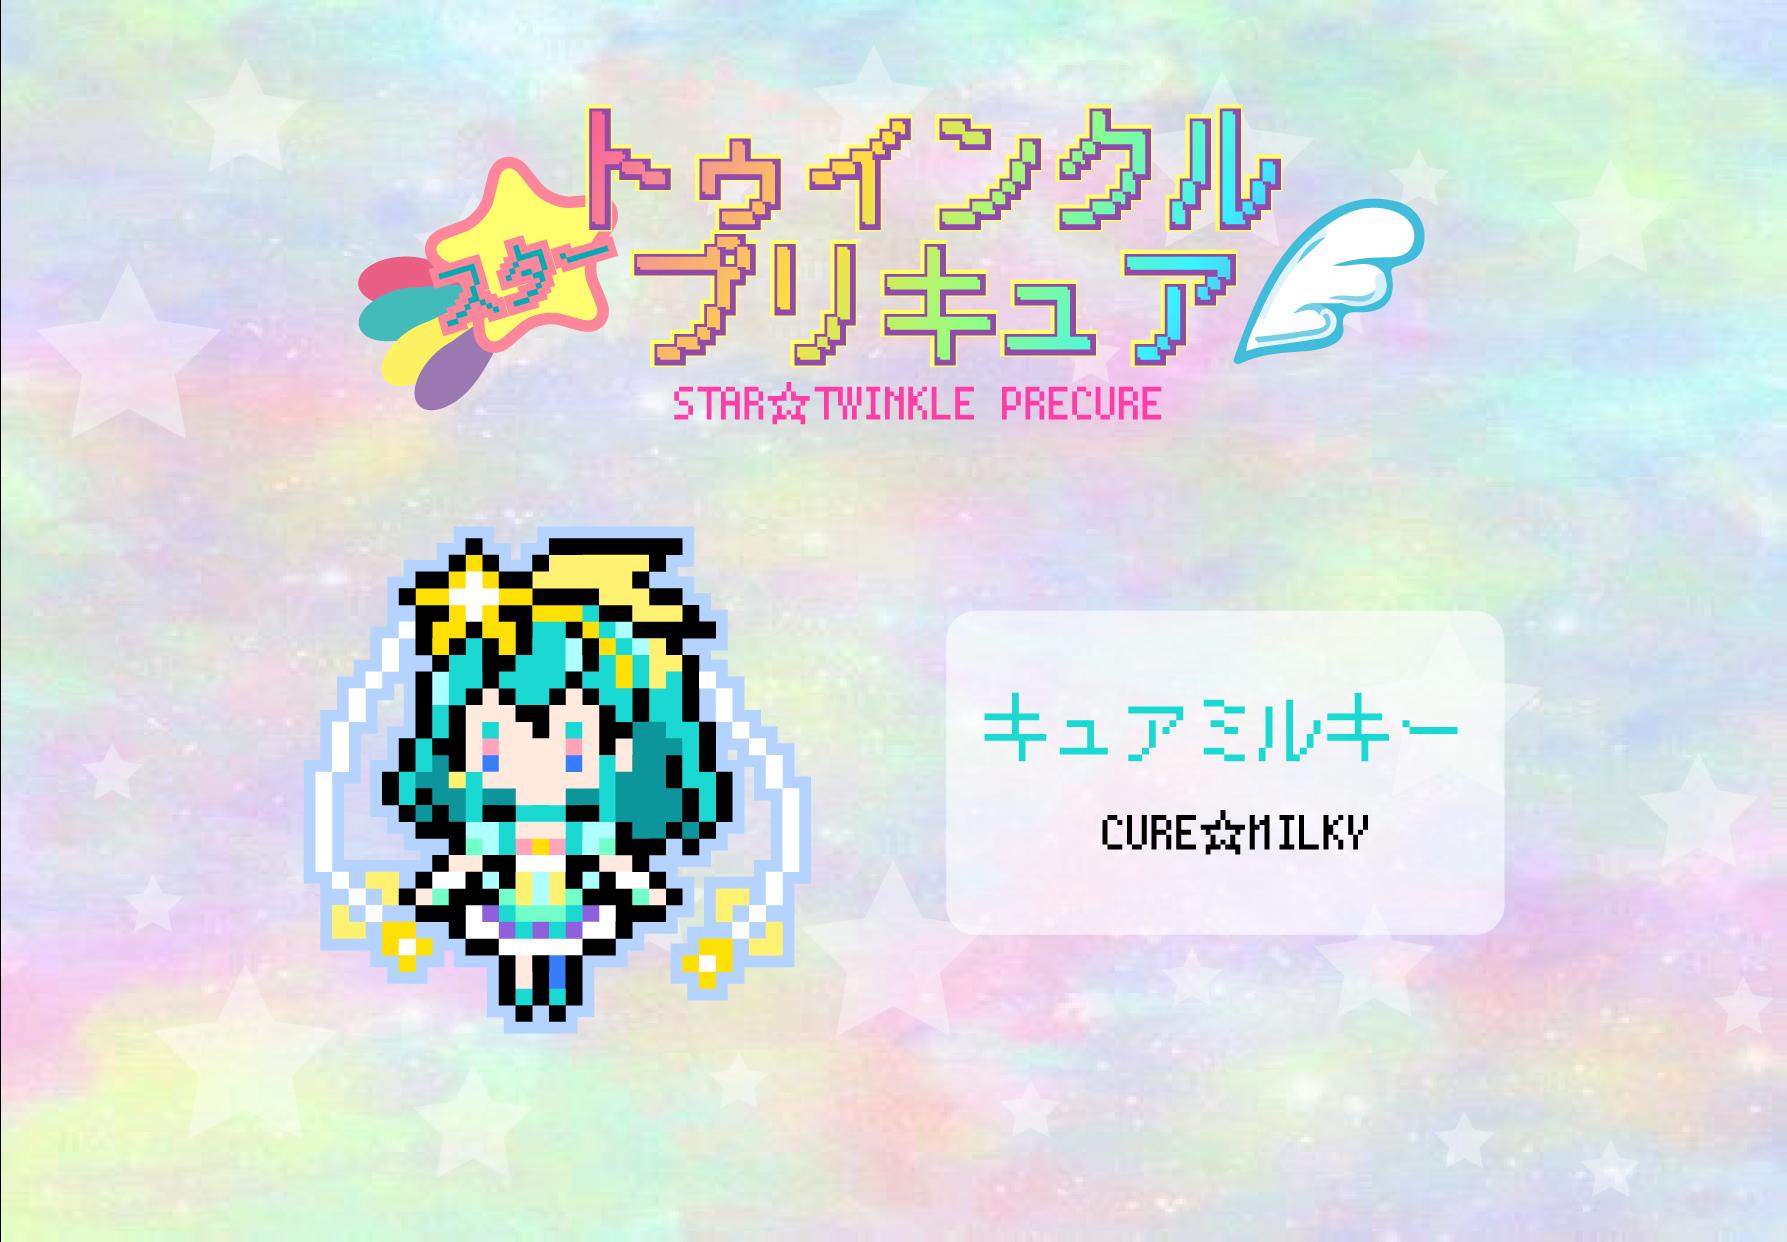 【スター☆トゥインクルプリキュア】キュアミルキーのアイロンビーズ図案